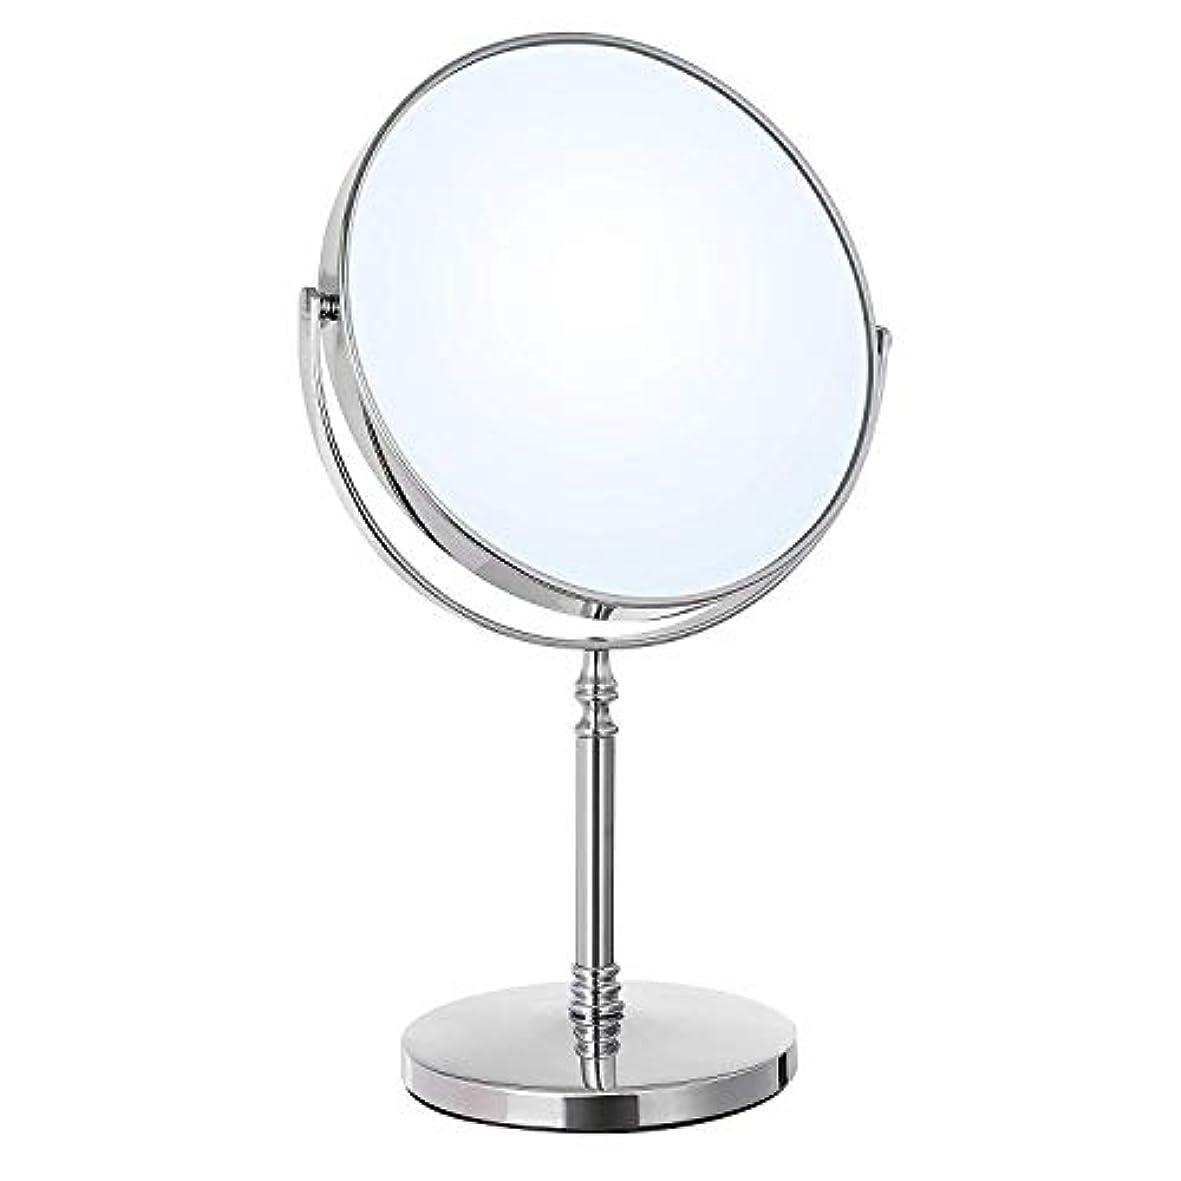 化粧ミラー 鏡 卓上 化粧鏡 両面鏡 3倍拡大鏡 360°回転 女優ミラー スタンド インテリアミラー 飛散防止 丸 光学レズン高解像度 ファッション シルバー (鏡面直径18cm)